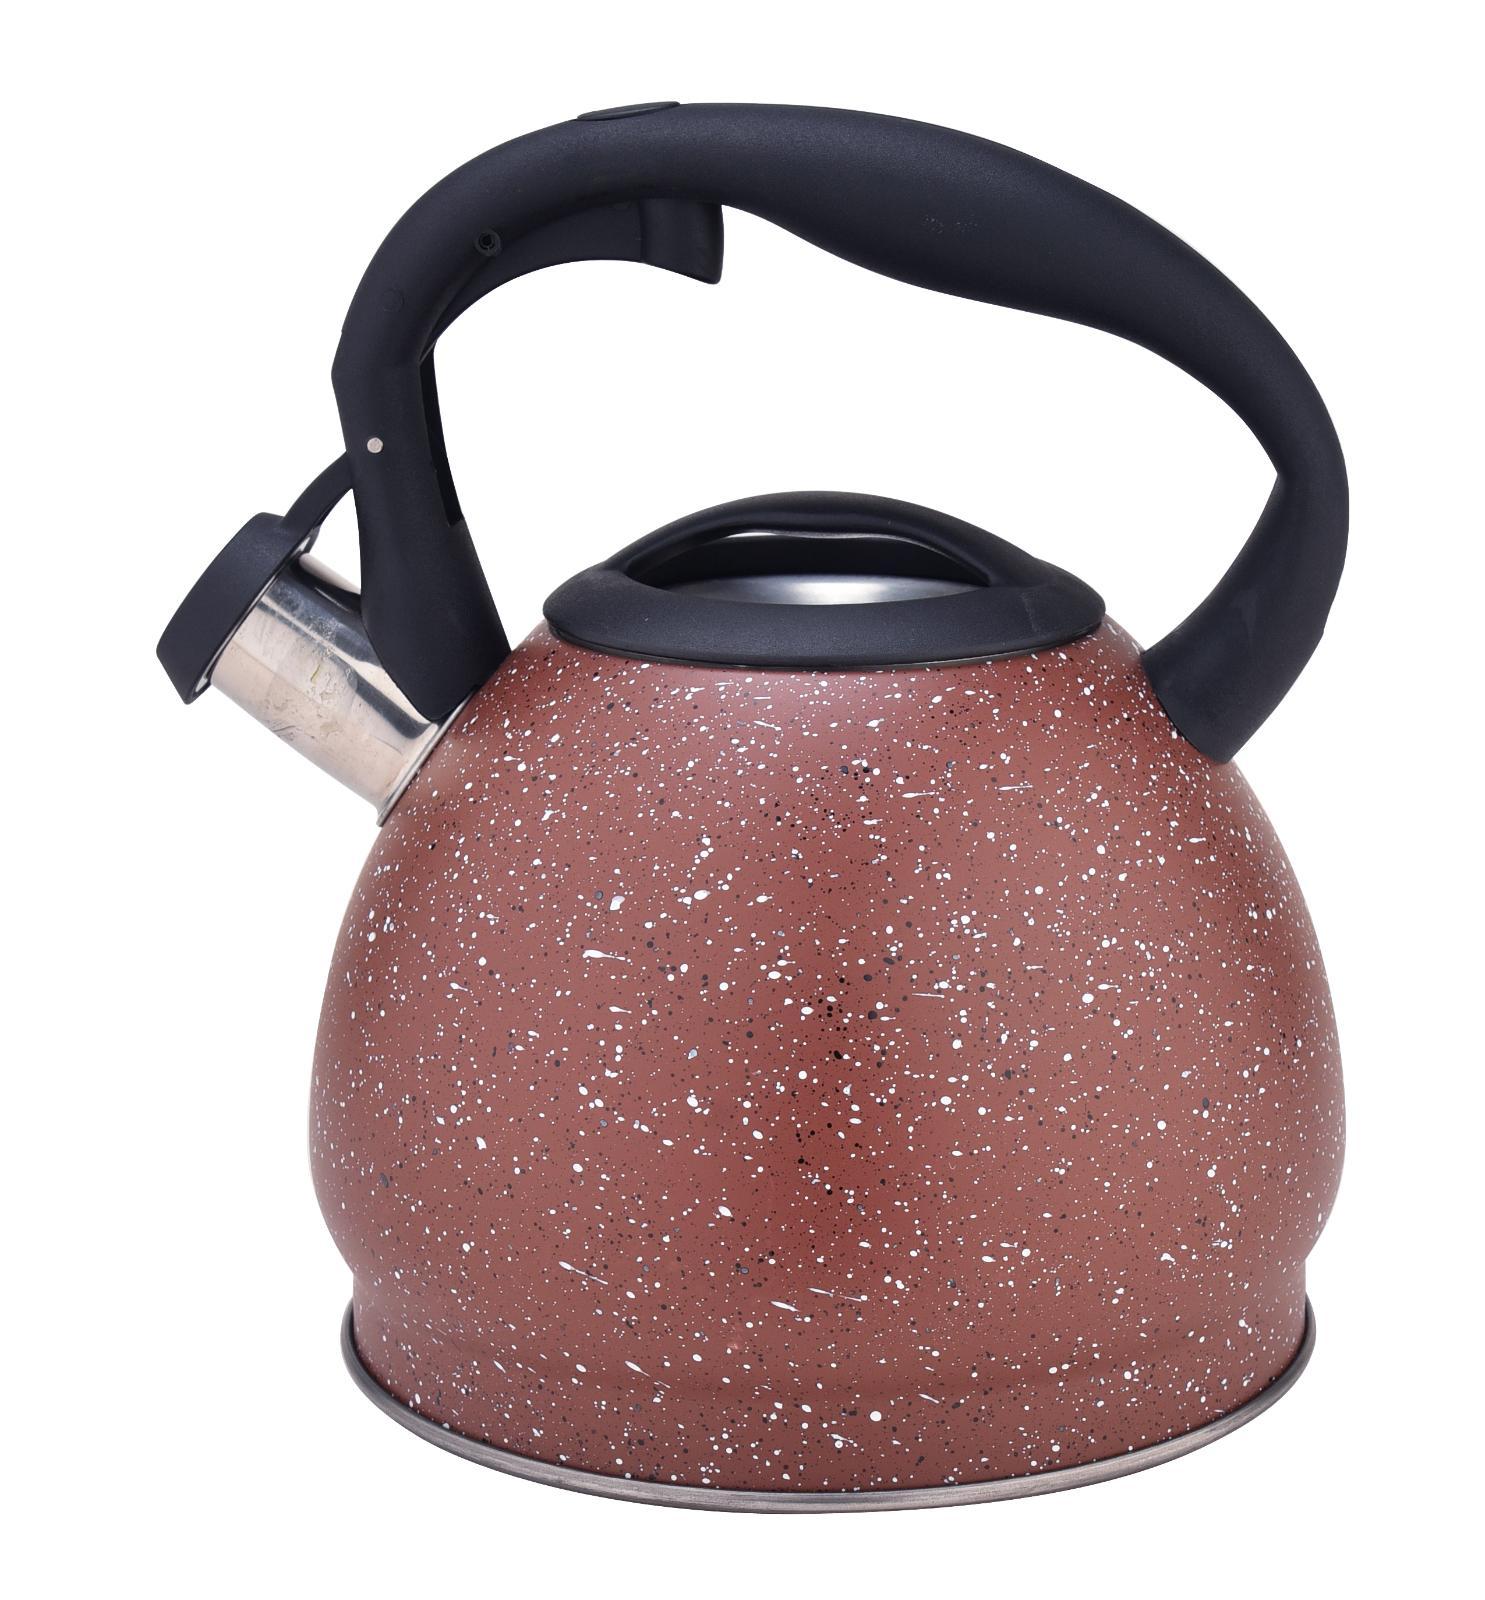 Teakettle Stovetop Teapot Stainless Steel Whistling Tea Kett